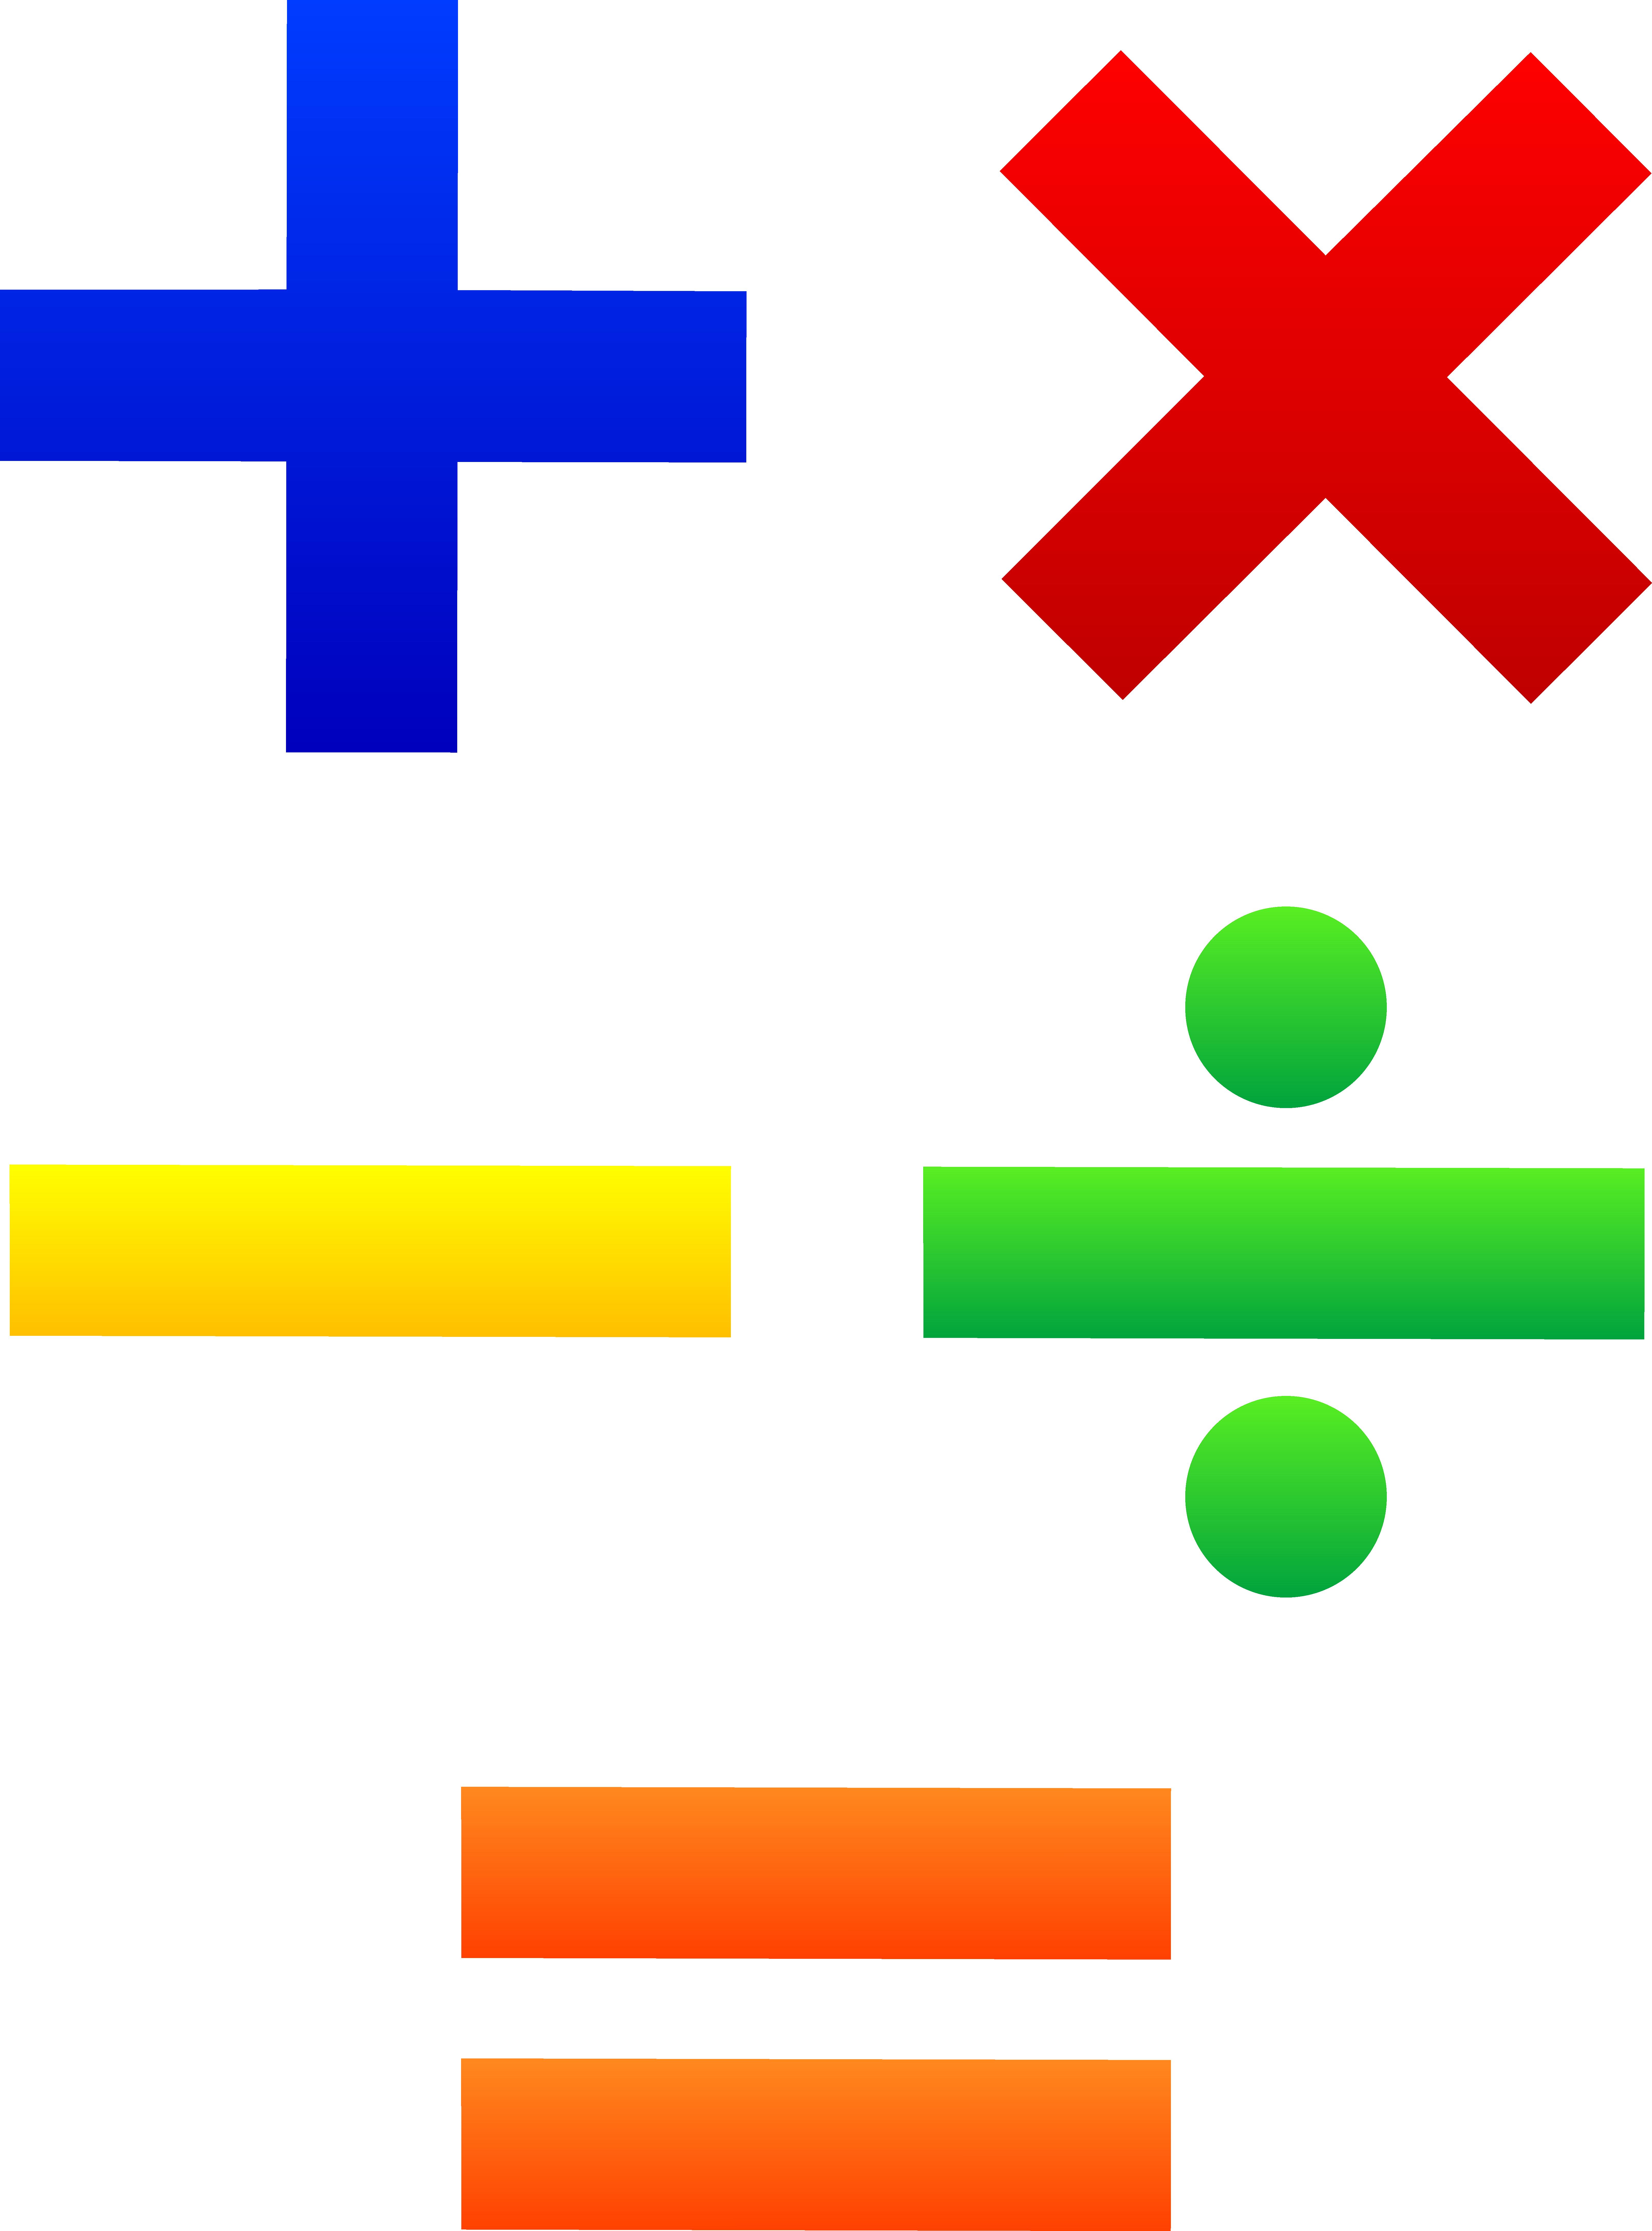 6435x8688 Math Symbols Images Clipart Panda